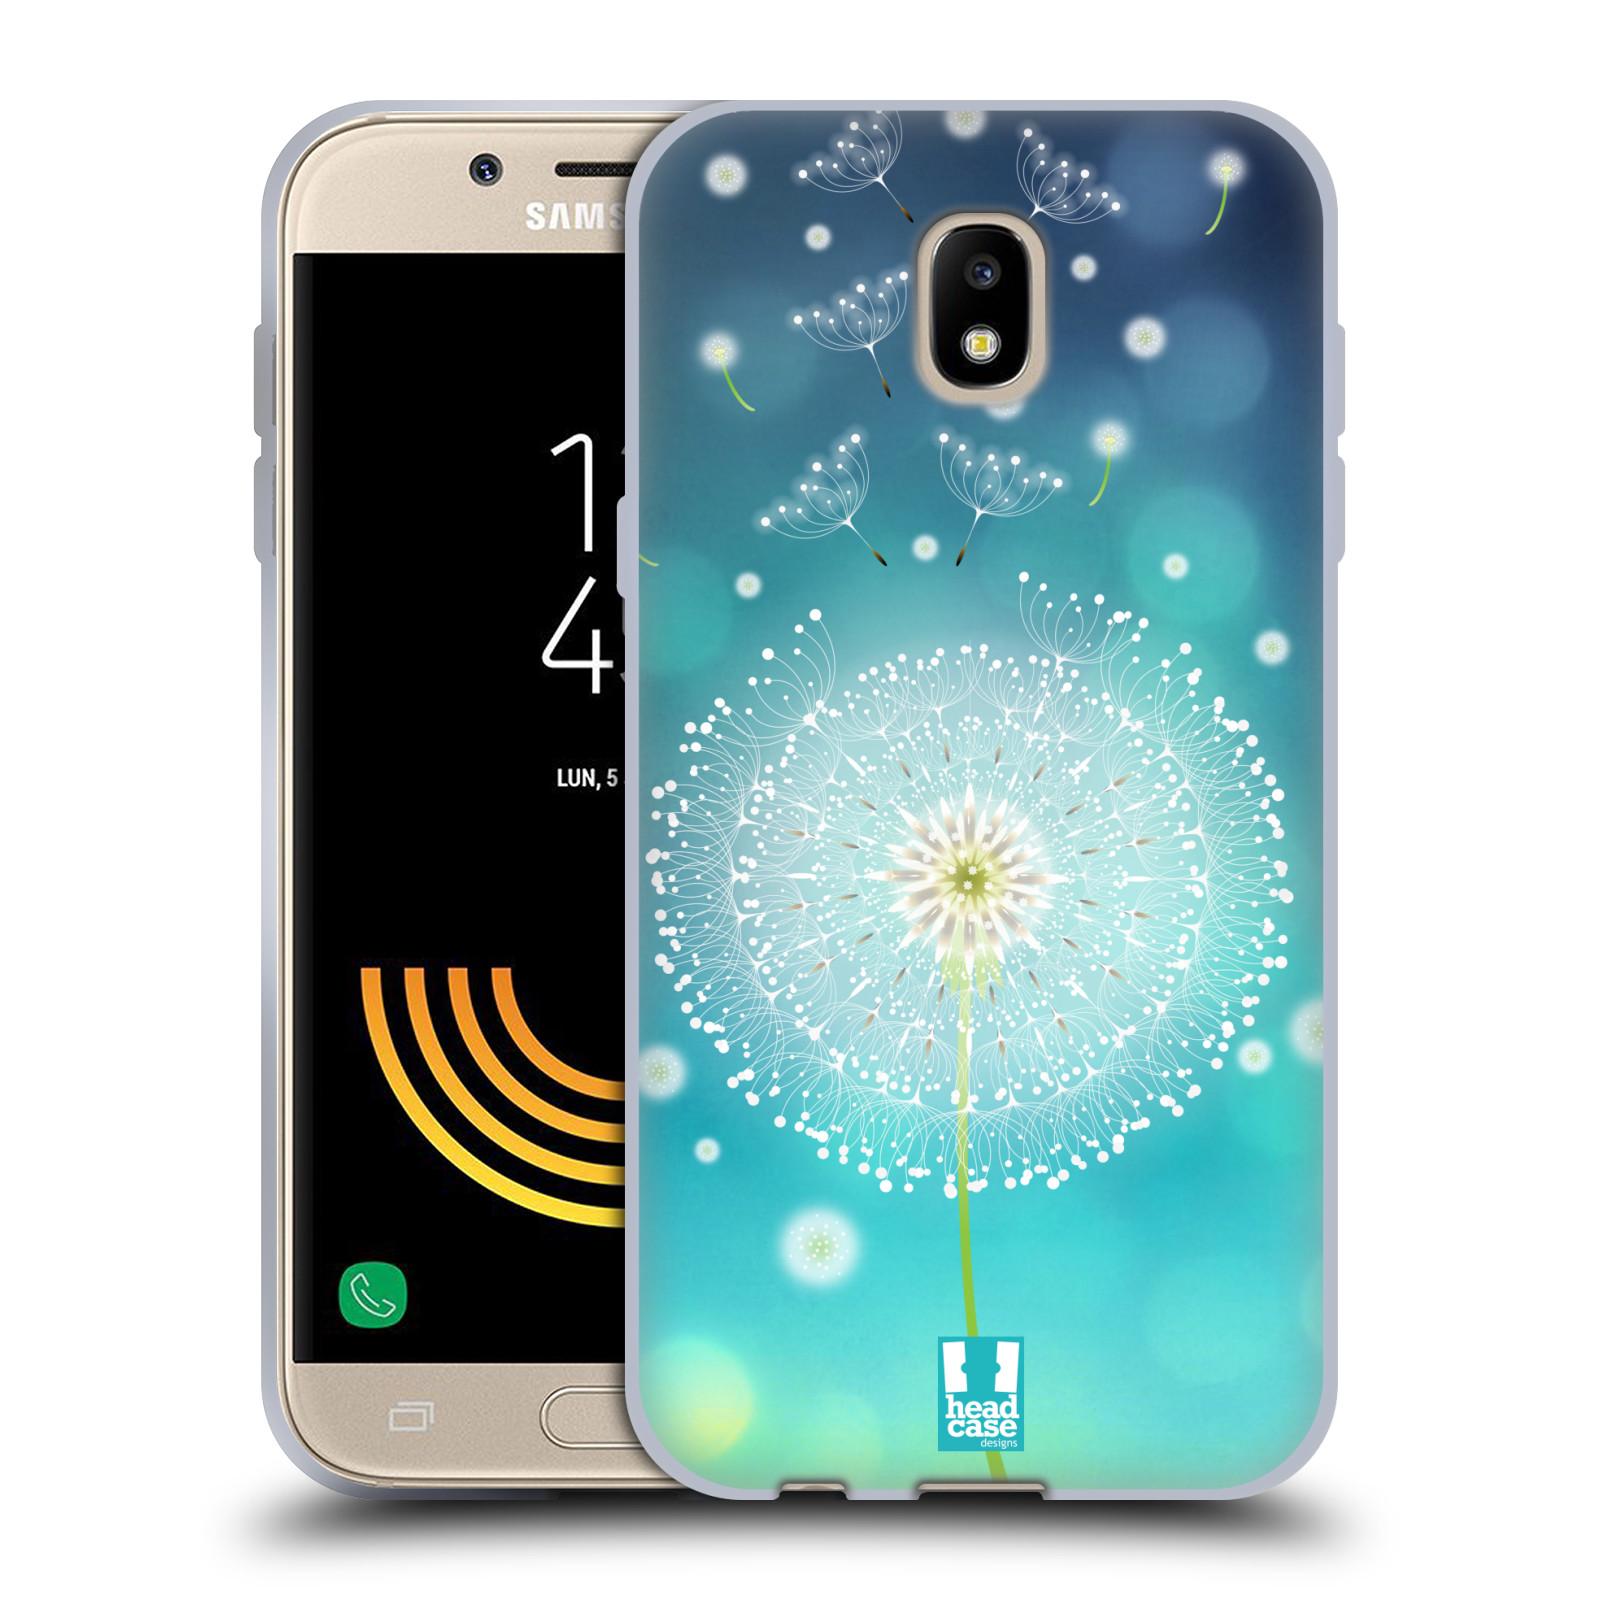 Silikonové pouzdro na mobil Samsung Galaxy J5 (2017) - Head Case - Rozlétaná pampeliška